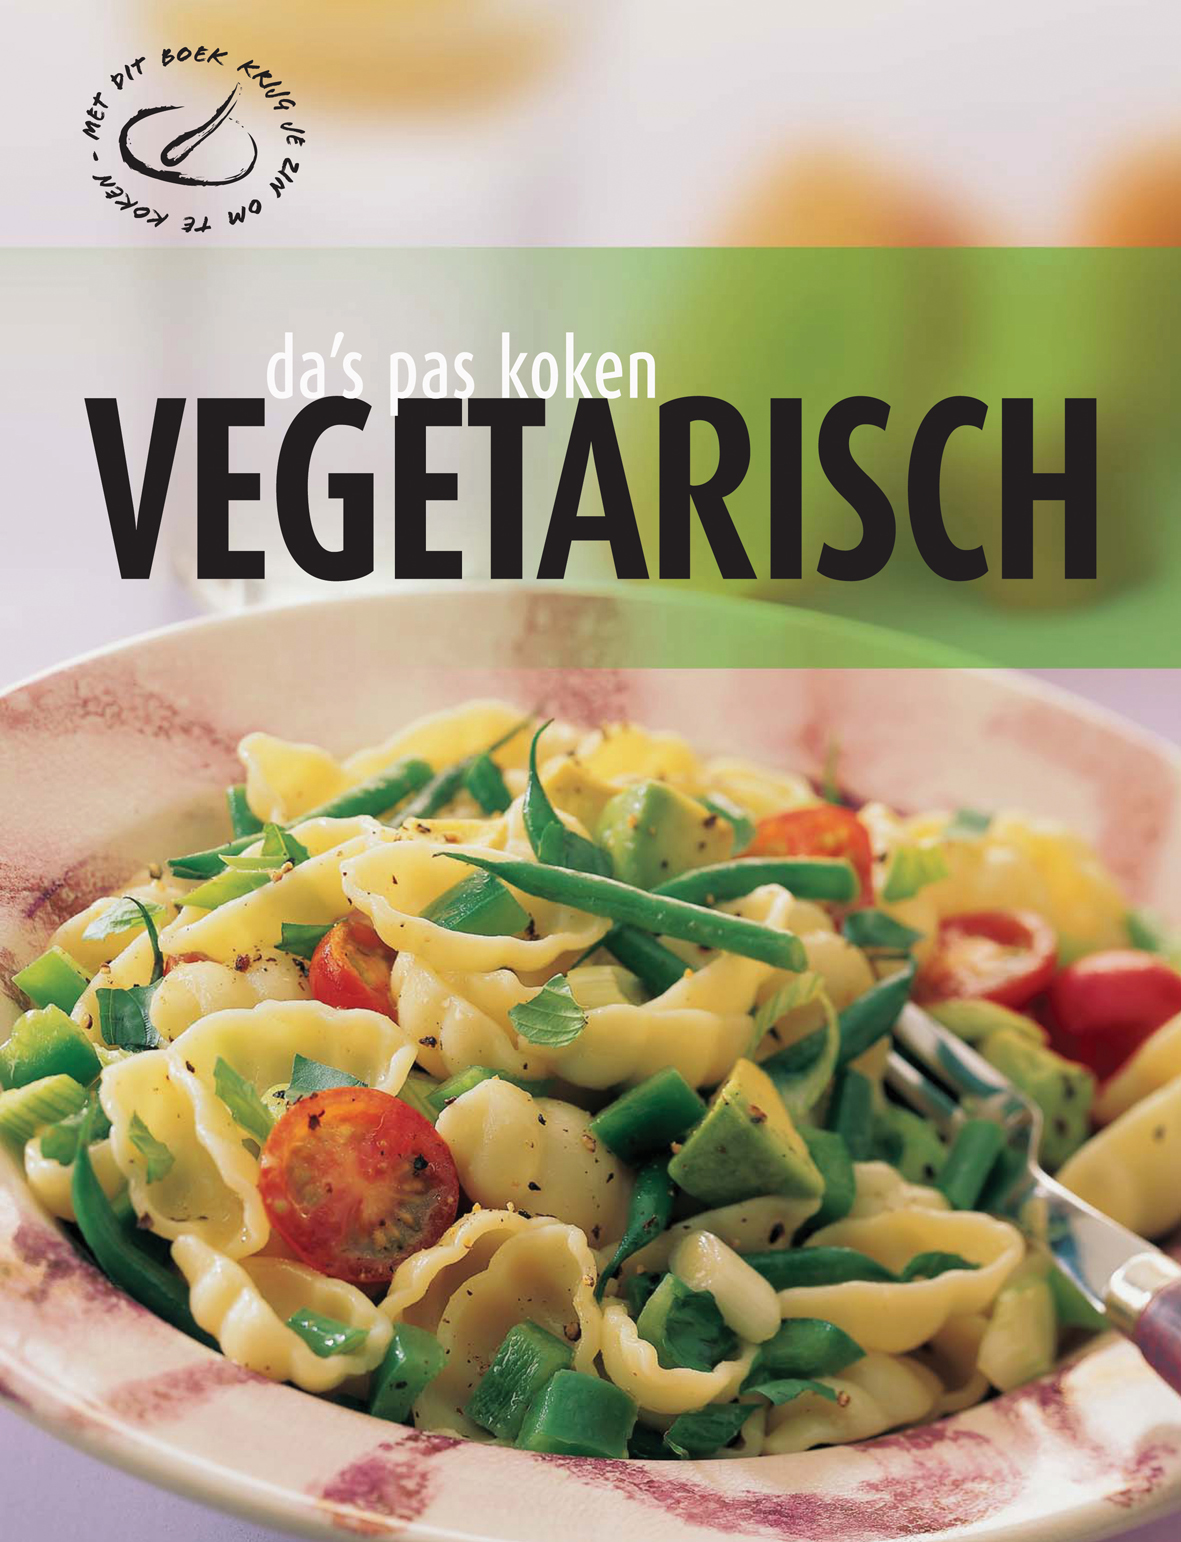 Vegetarisch - Da'S Pas Koken